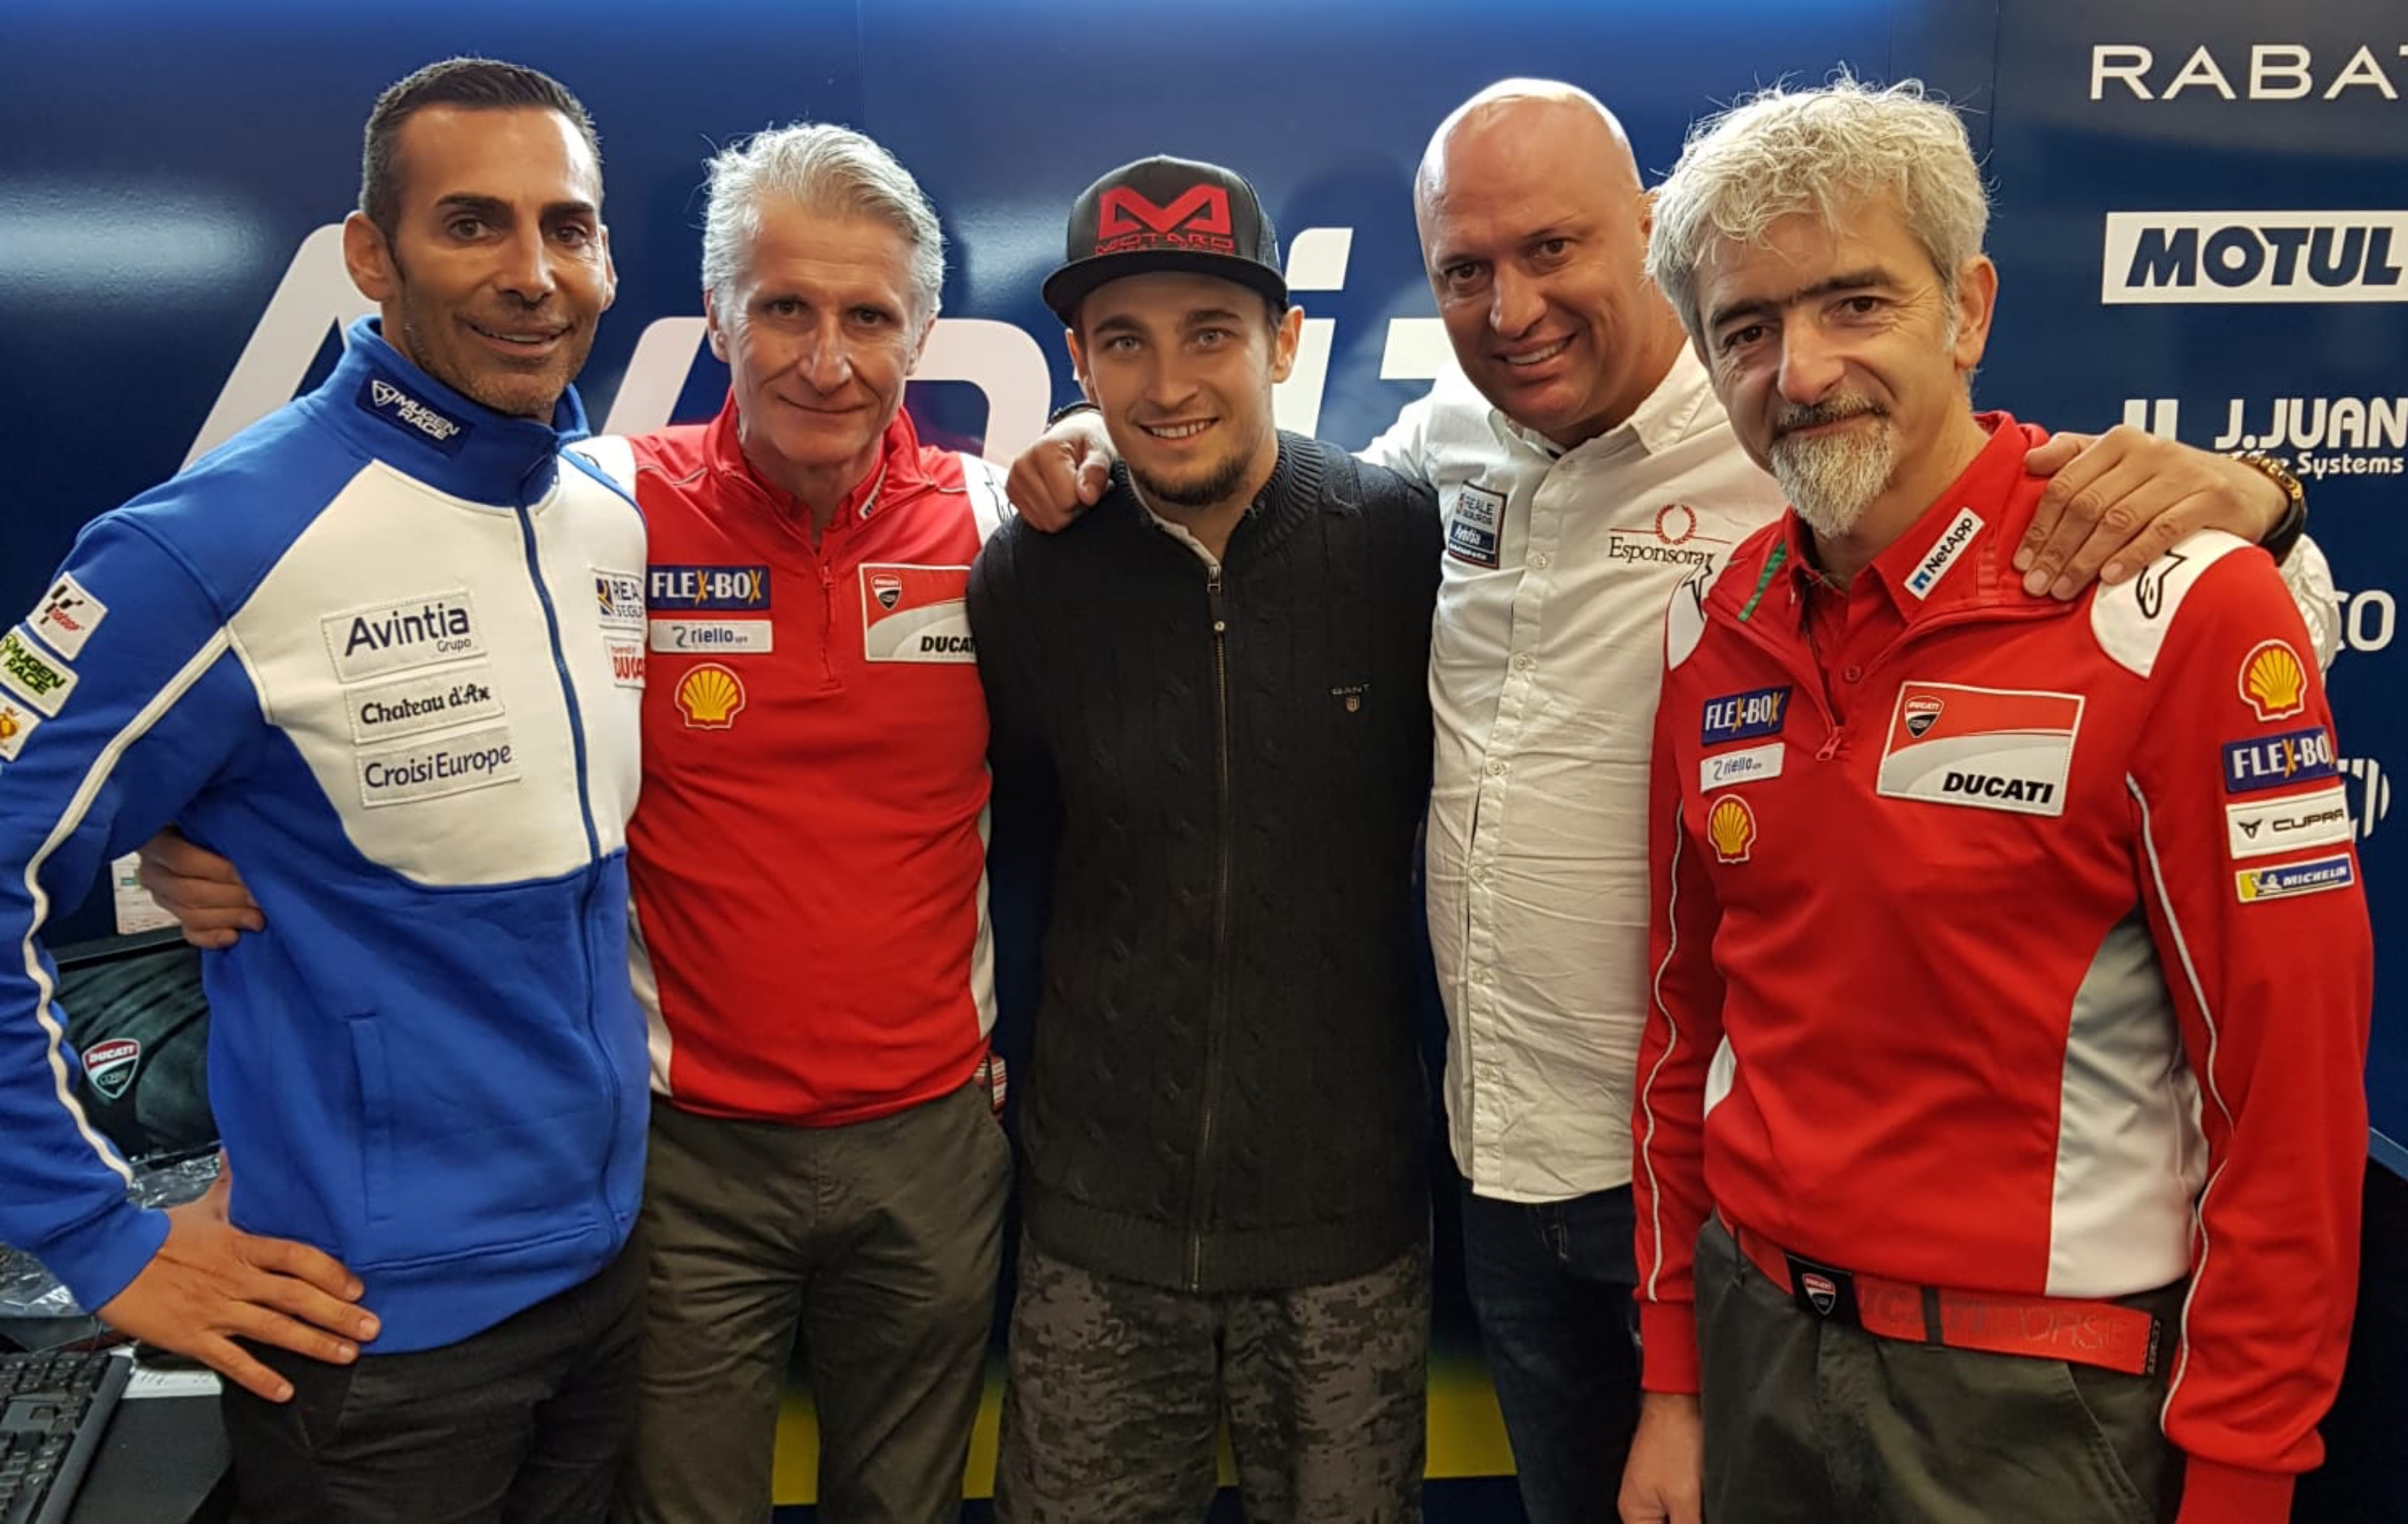 Karel Abraham continúa en MotoGP en 2019 y 2020 con el Reale Avintia